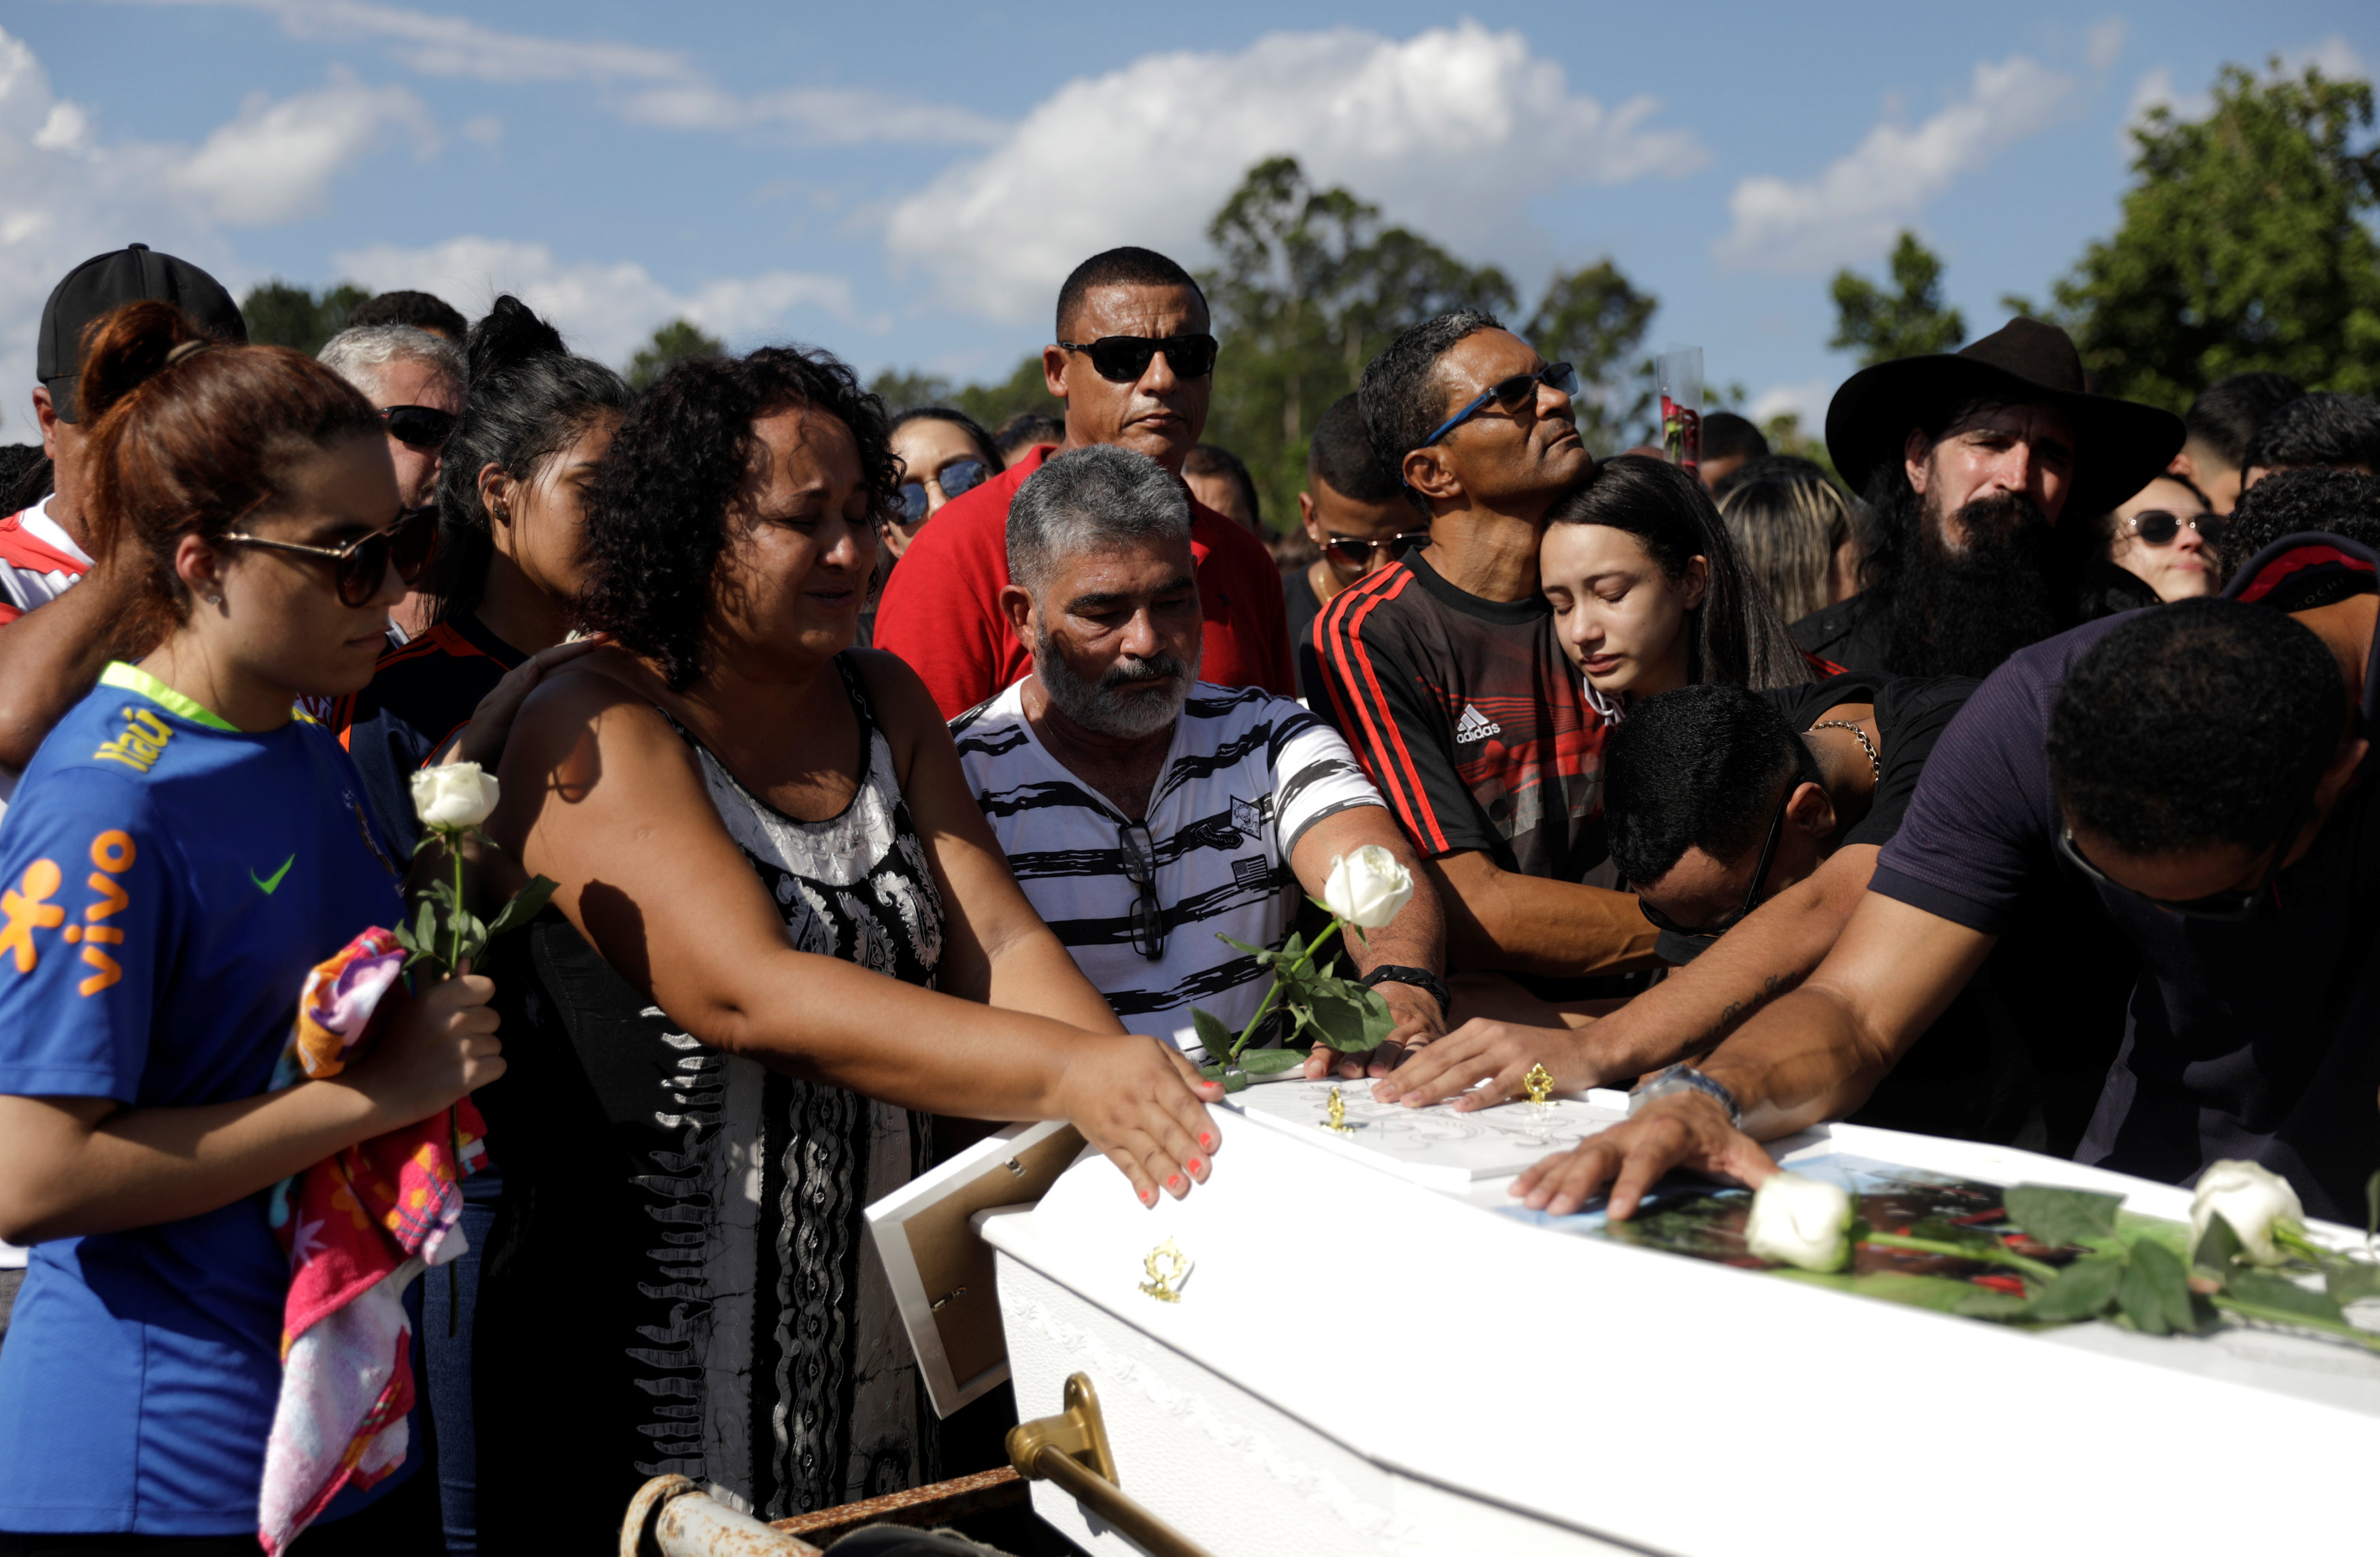 تشييع جثامين قتلى حريق مركز تدريب نادى فلامنجو البرازيلى (2)